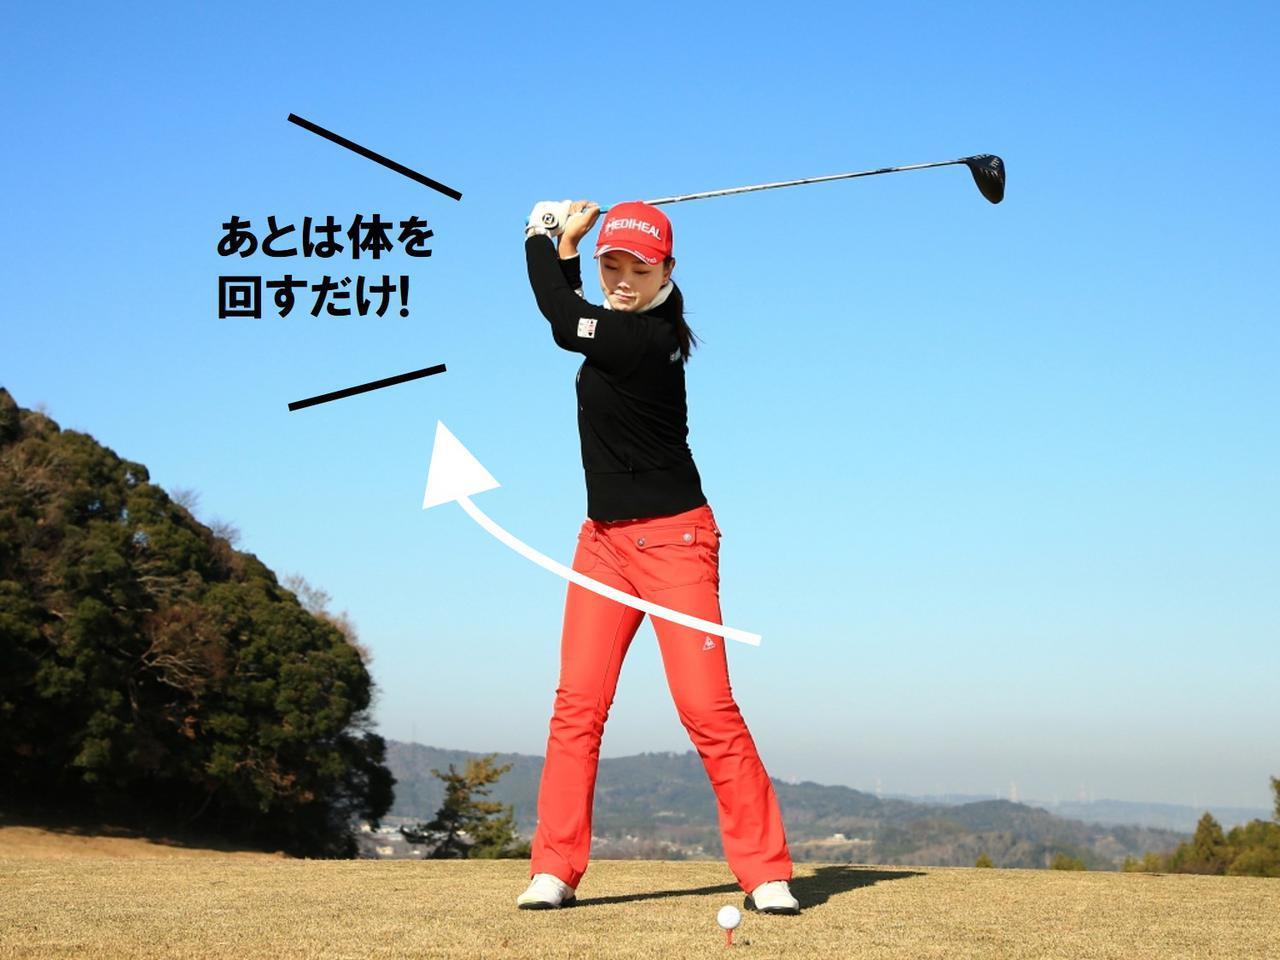 画像2: 「腰まで真っすぐ」上がればナイスショット確定!